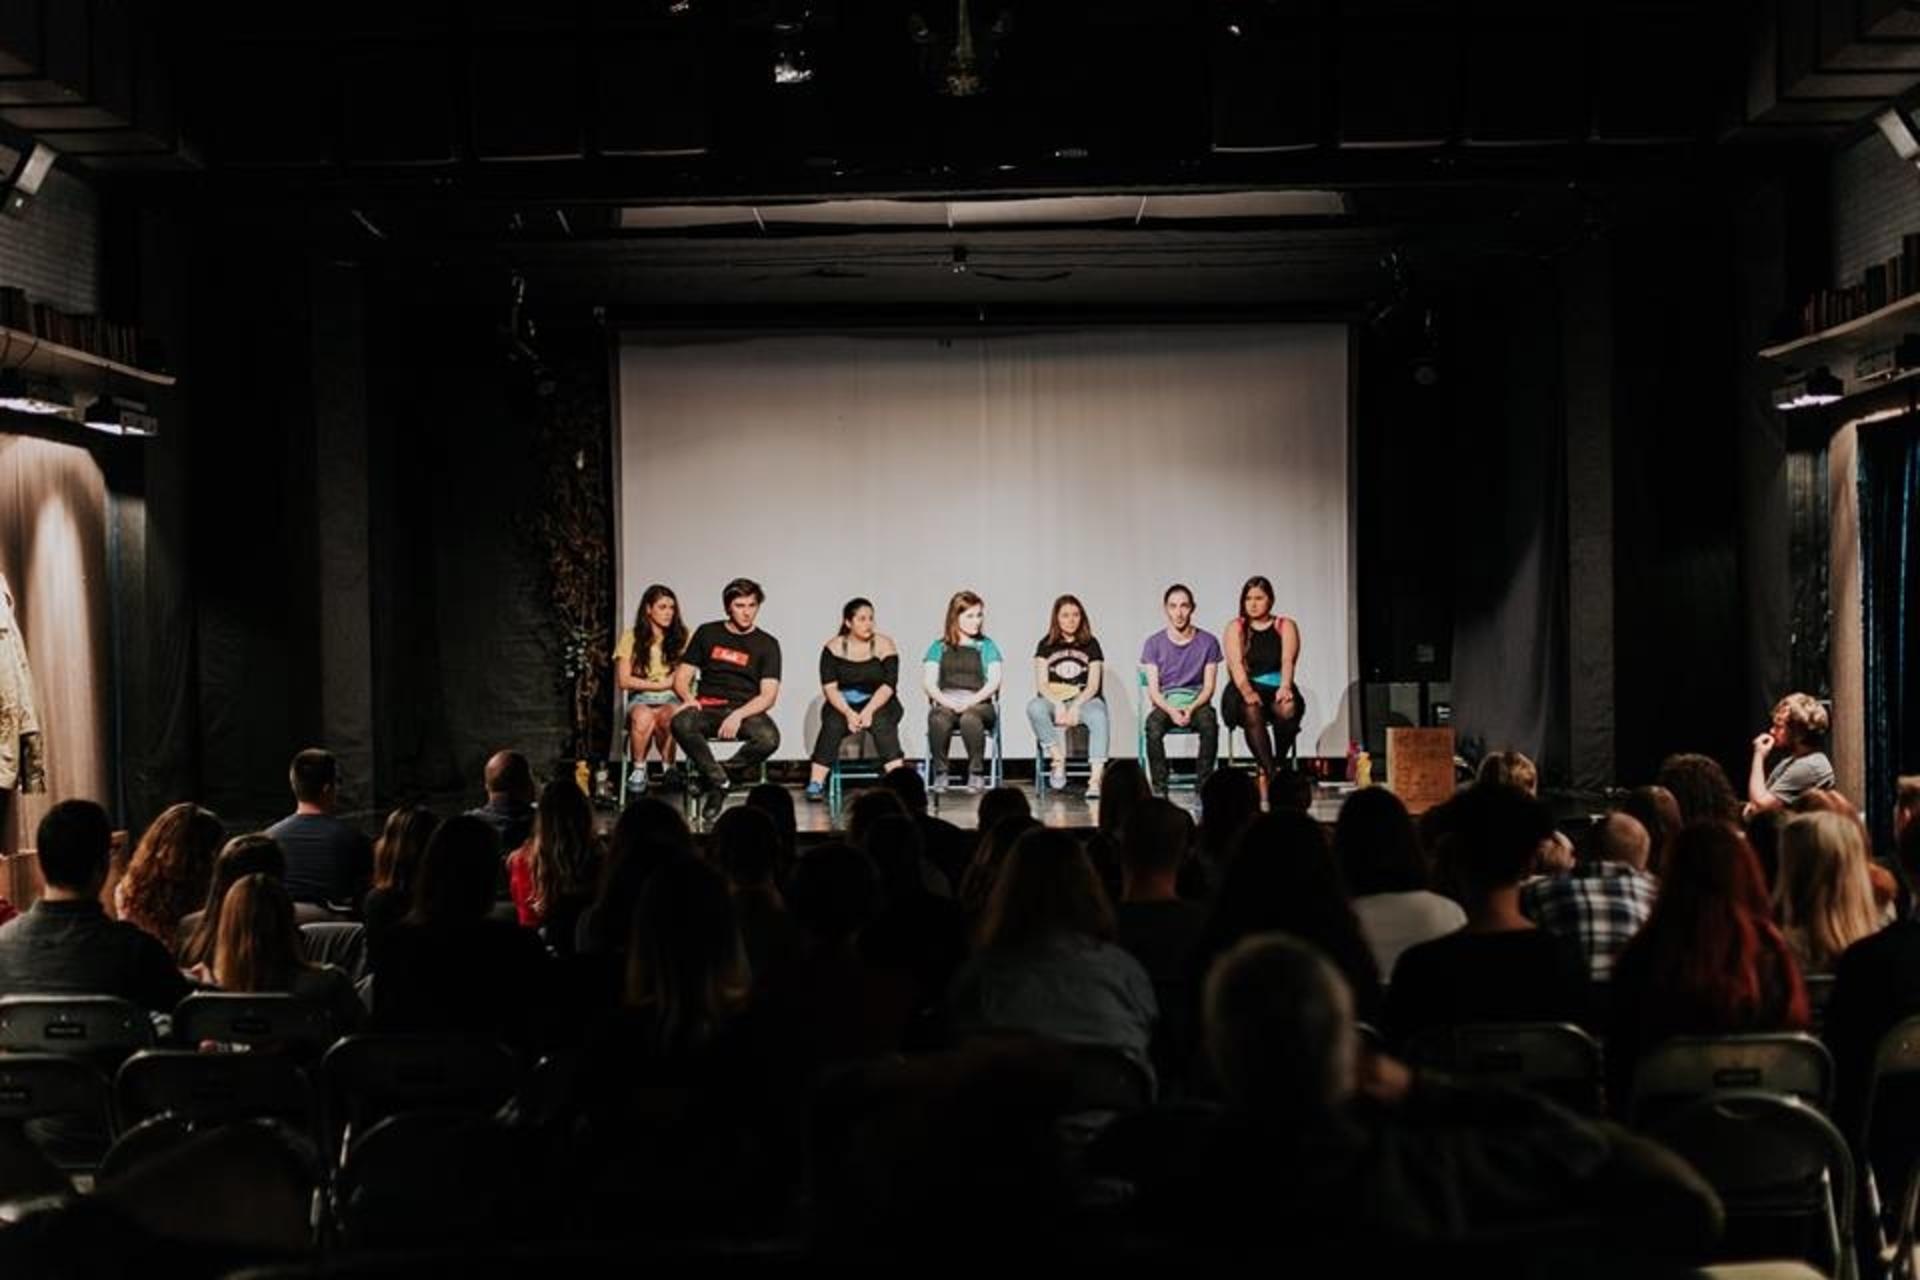 """5 profesioniști ai unor meserii noi îi așteaptă  pe liceeni la """"Întâlniri Creative"""""""